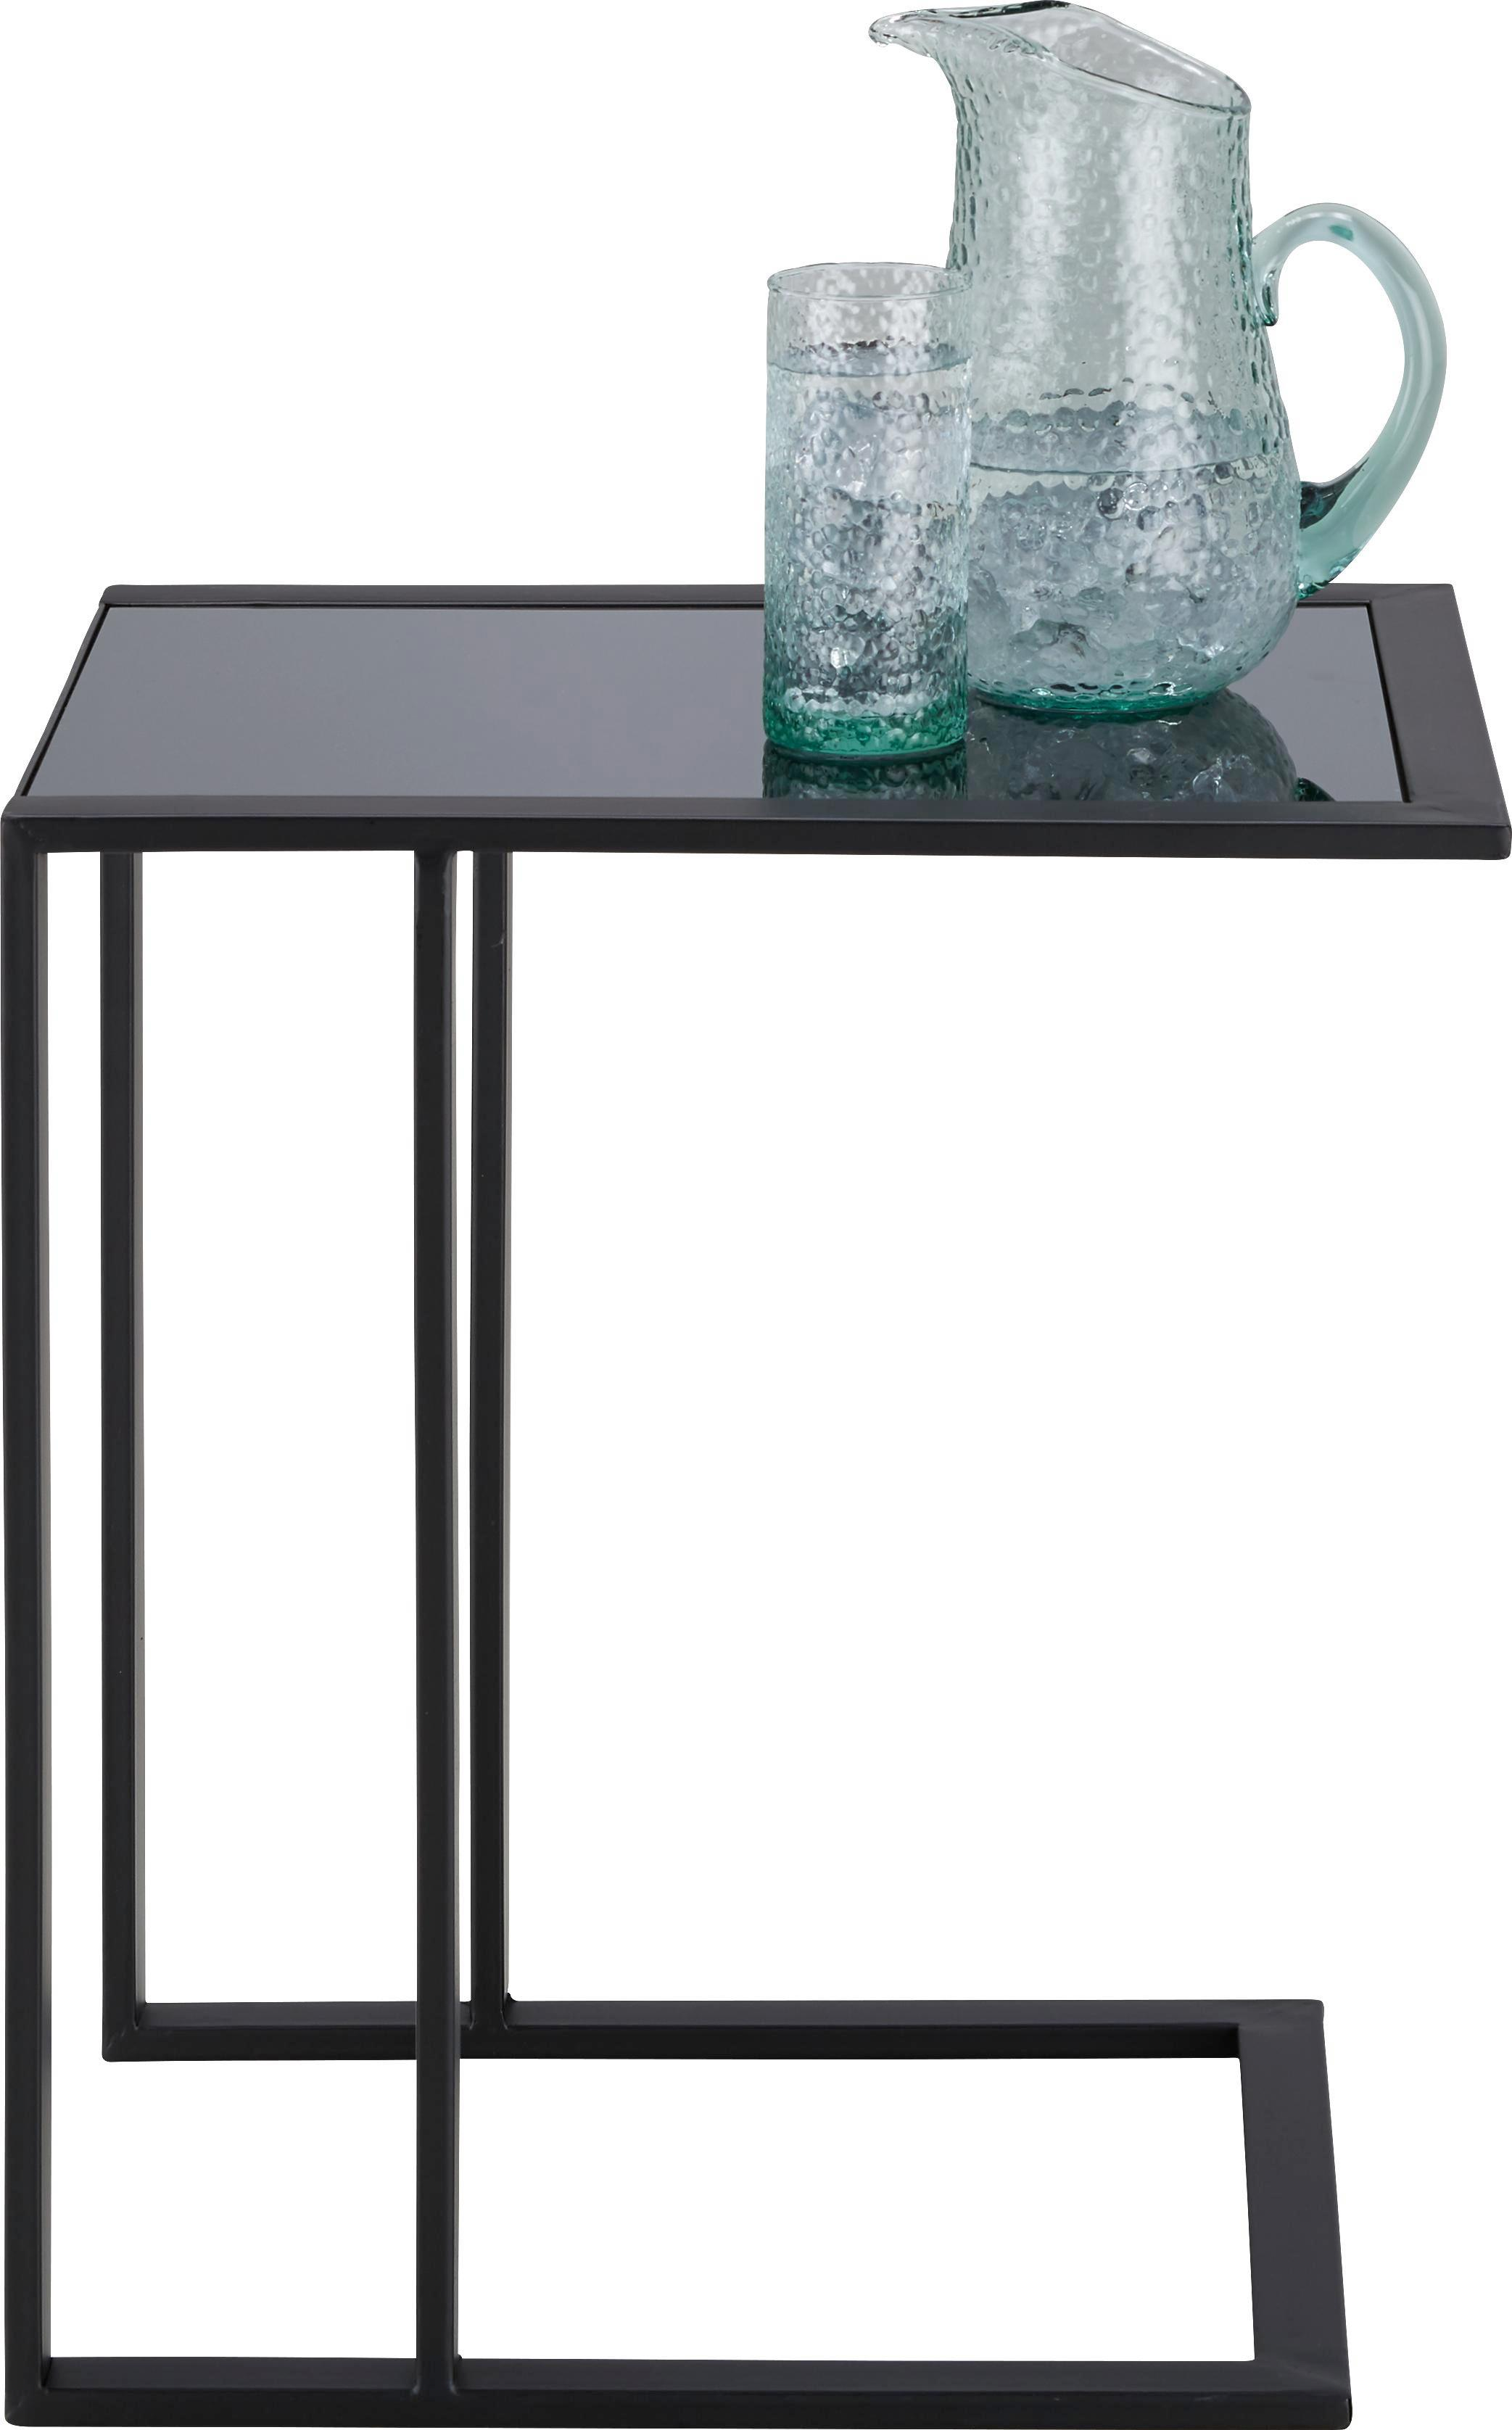 Beistelltische Schwarz beistelltisch schwarz metall dekoration ideen